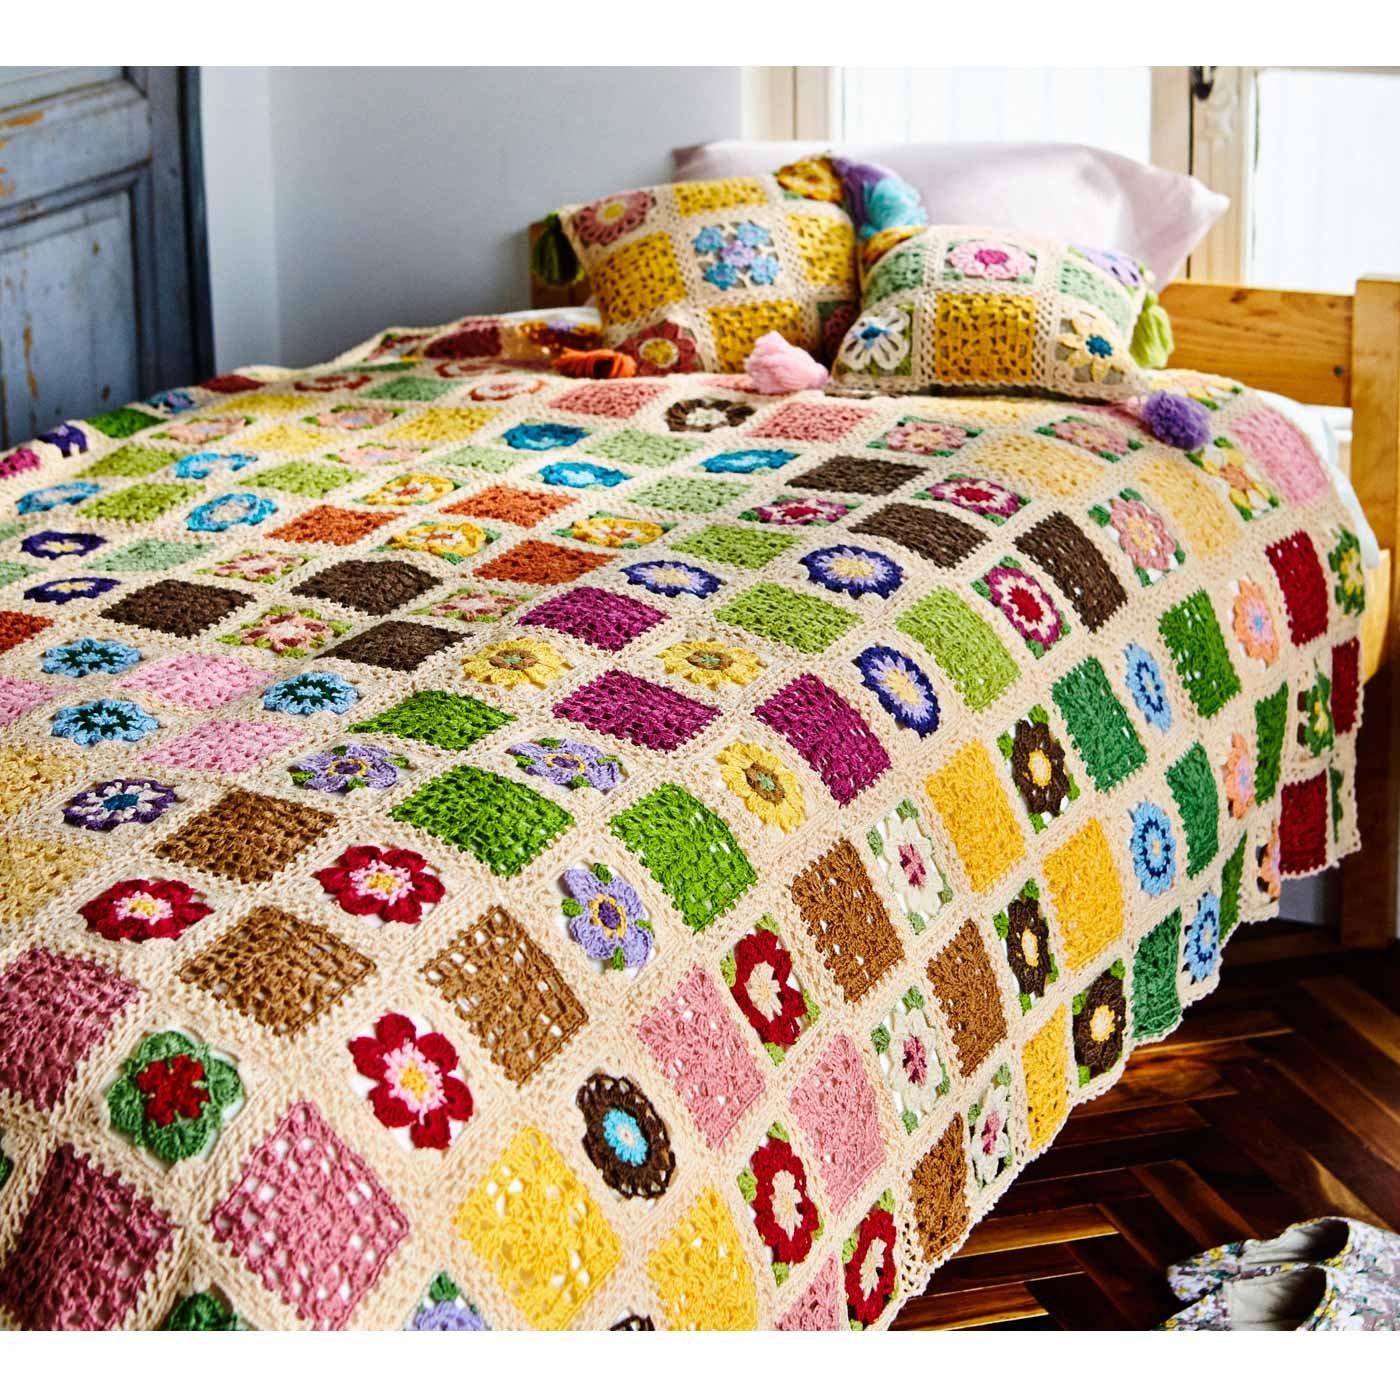 つないでアレンジ かぎ針編みお花モチーフの生成り毛糸玉セットの会